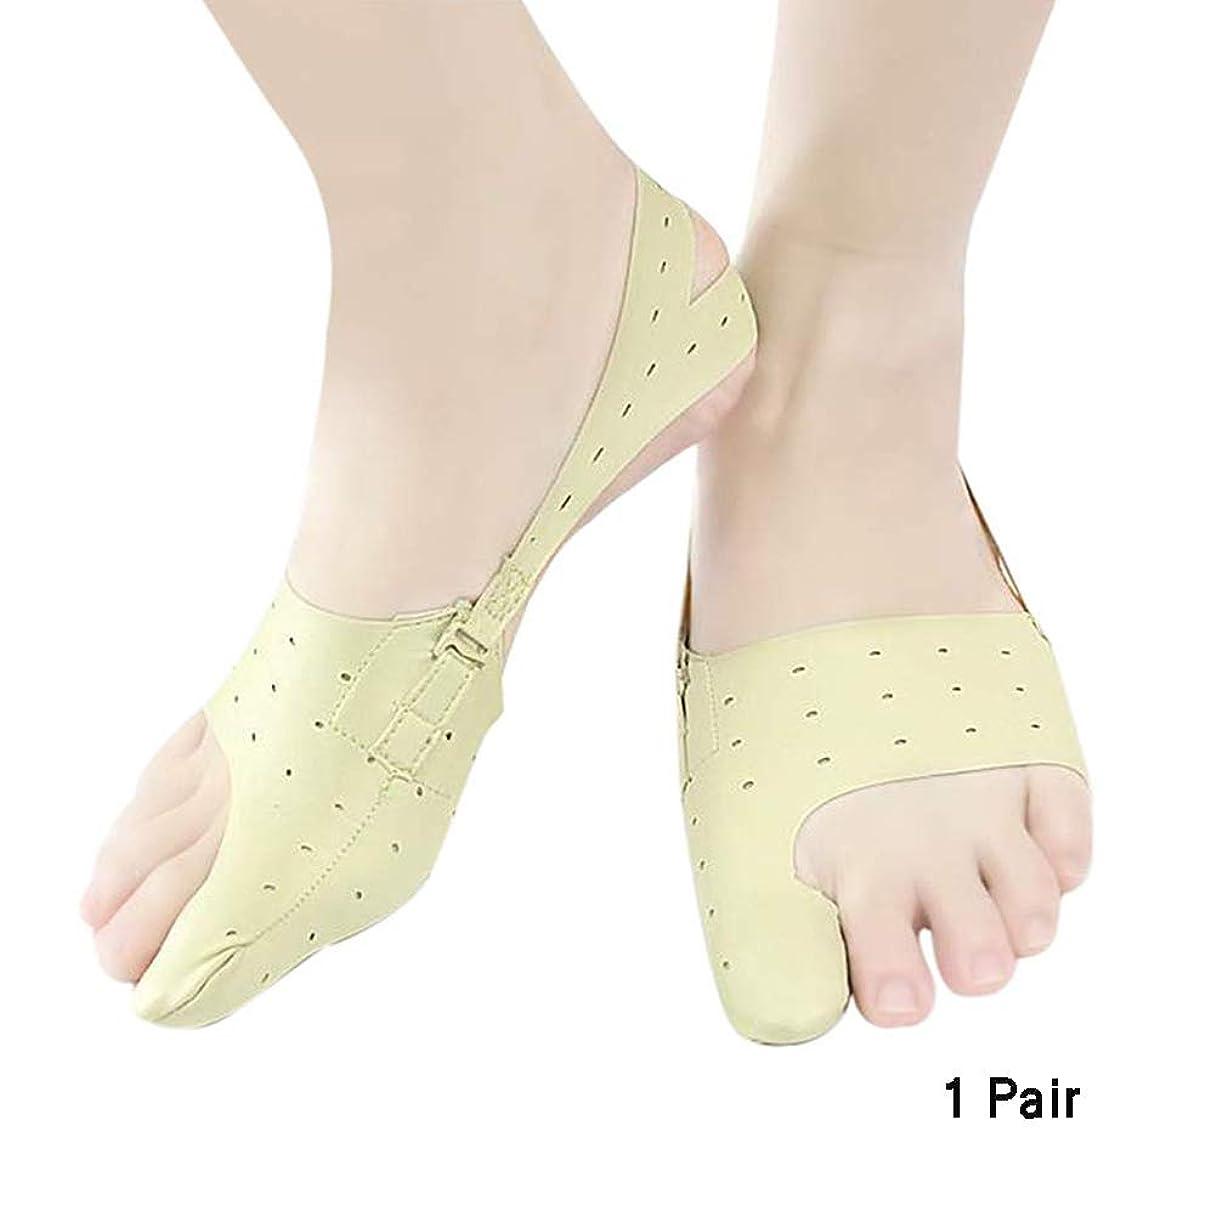 感謝の配列肥料伸縮性のある腱膜補正器/フットケアツール/極薄調節可能なつま先腱膜矯正器/外反母趾矯正器/足親指補正器1ペア